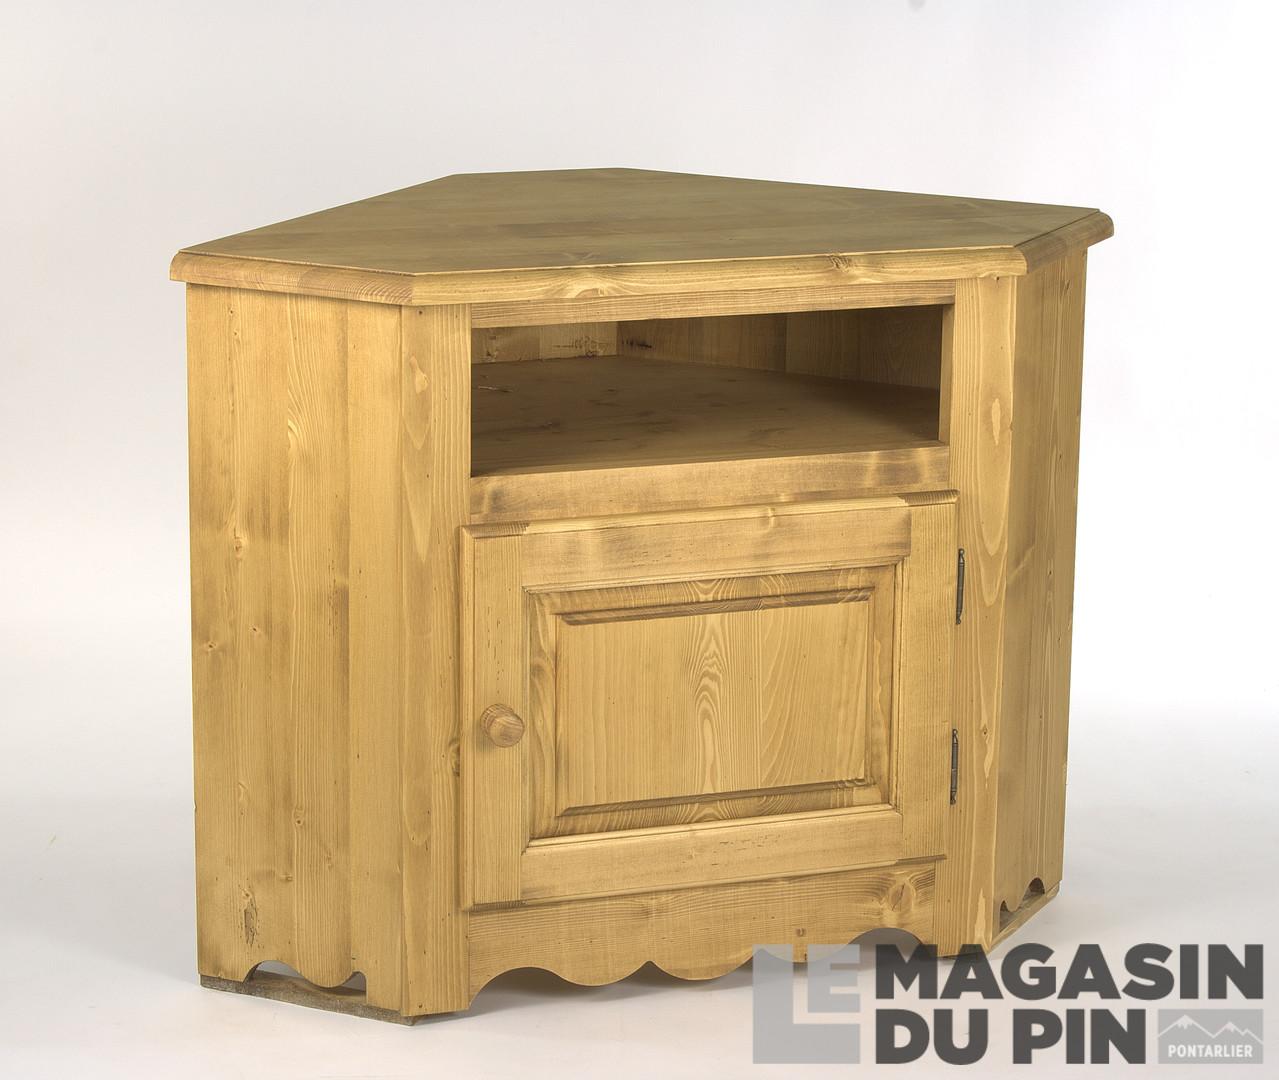 Magasin de meuble pontarlier id es de for Magasin de meuble